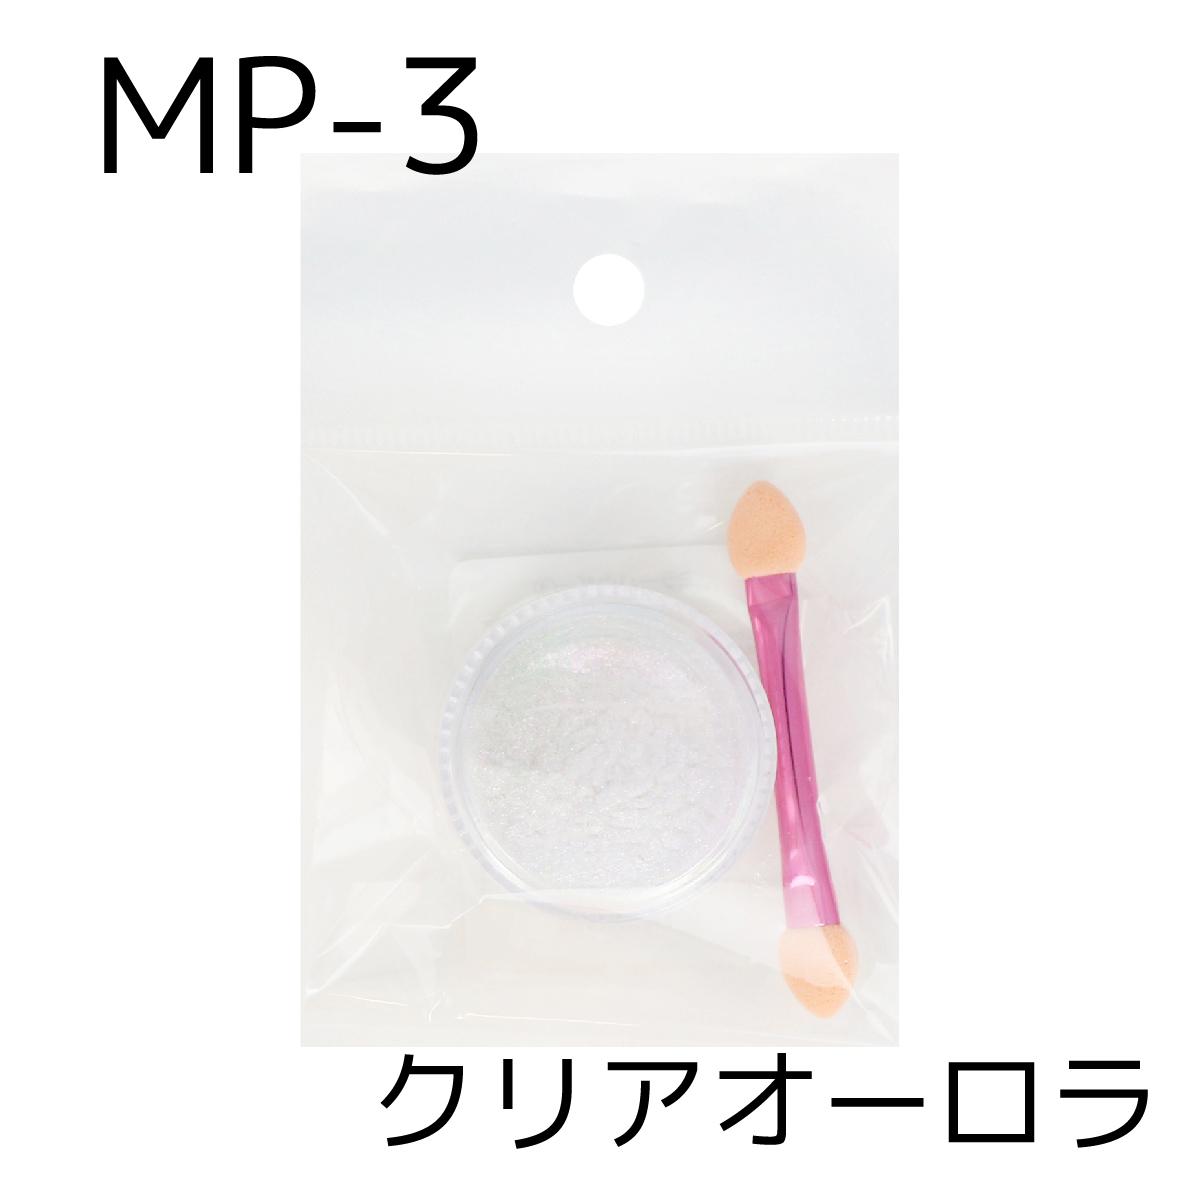 ミラーパウダー(MP-3)画像